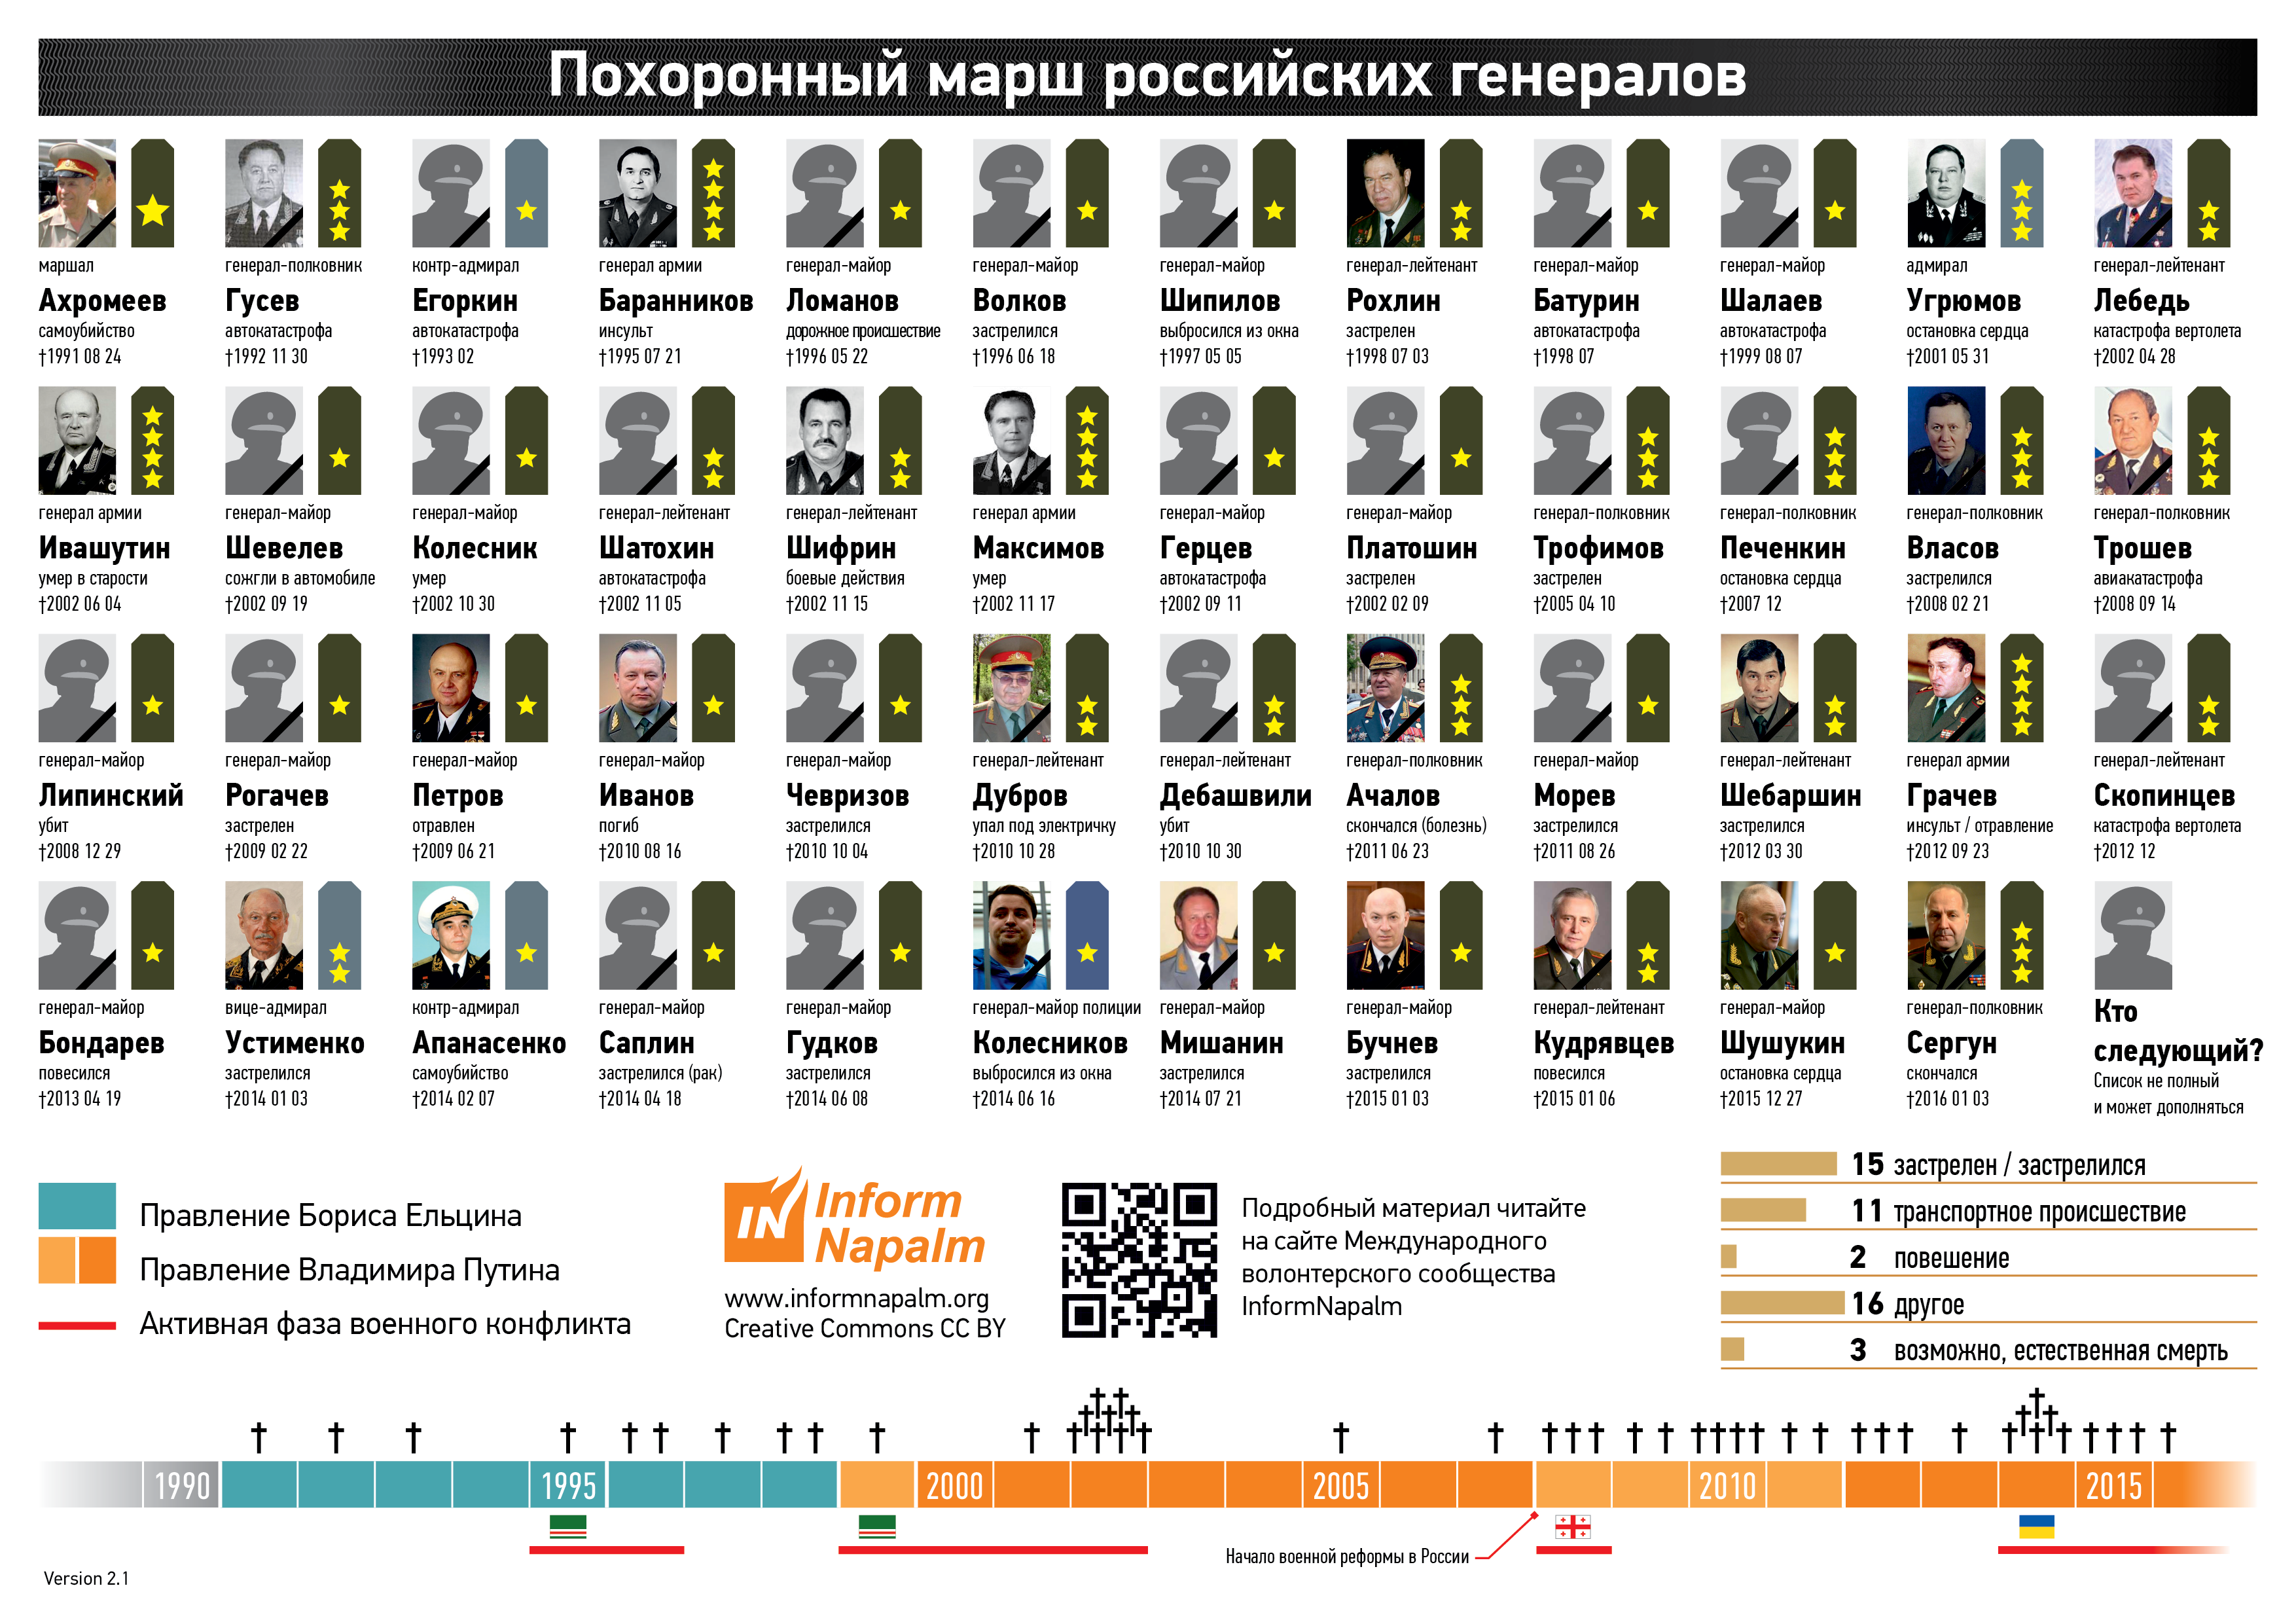 Путин уволил 10 высокопоставленных силовиков - Цензор.НЕТ 4867